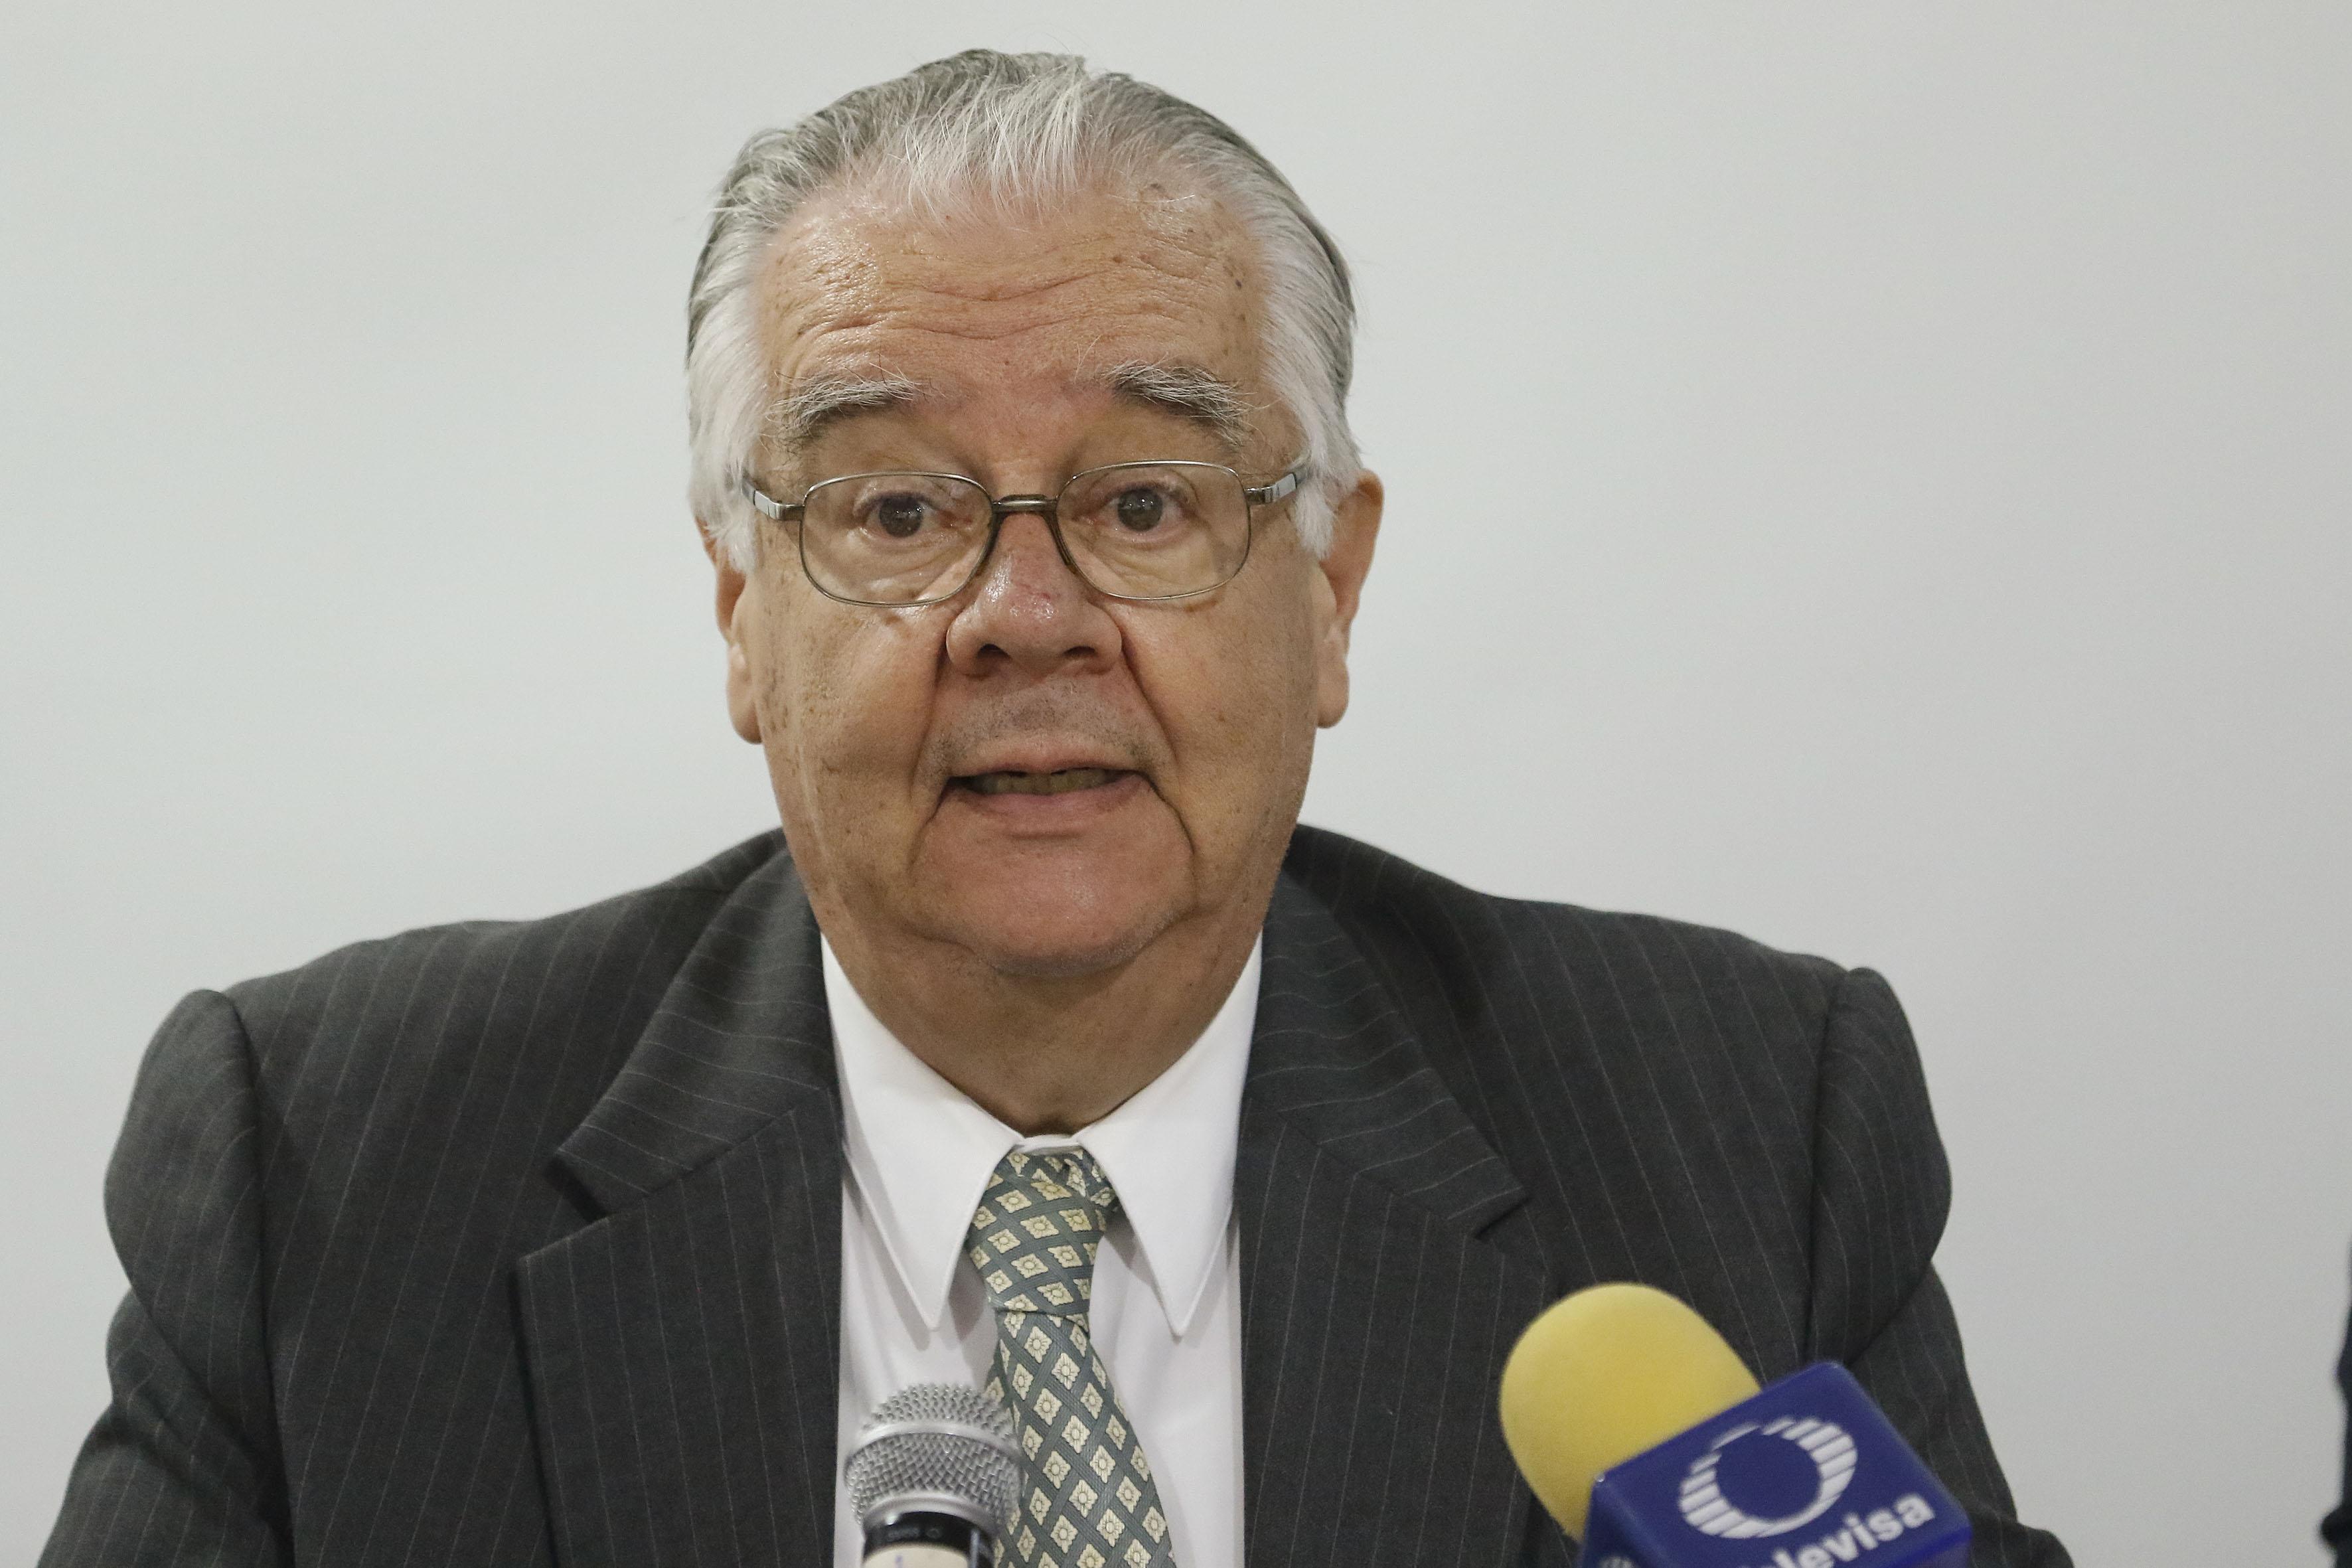 Miembro del presídium, participando durante la rueda de prensa.